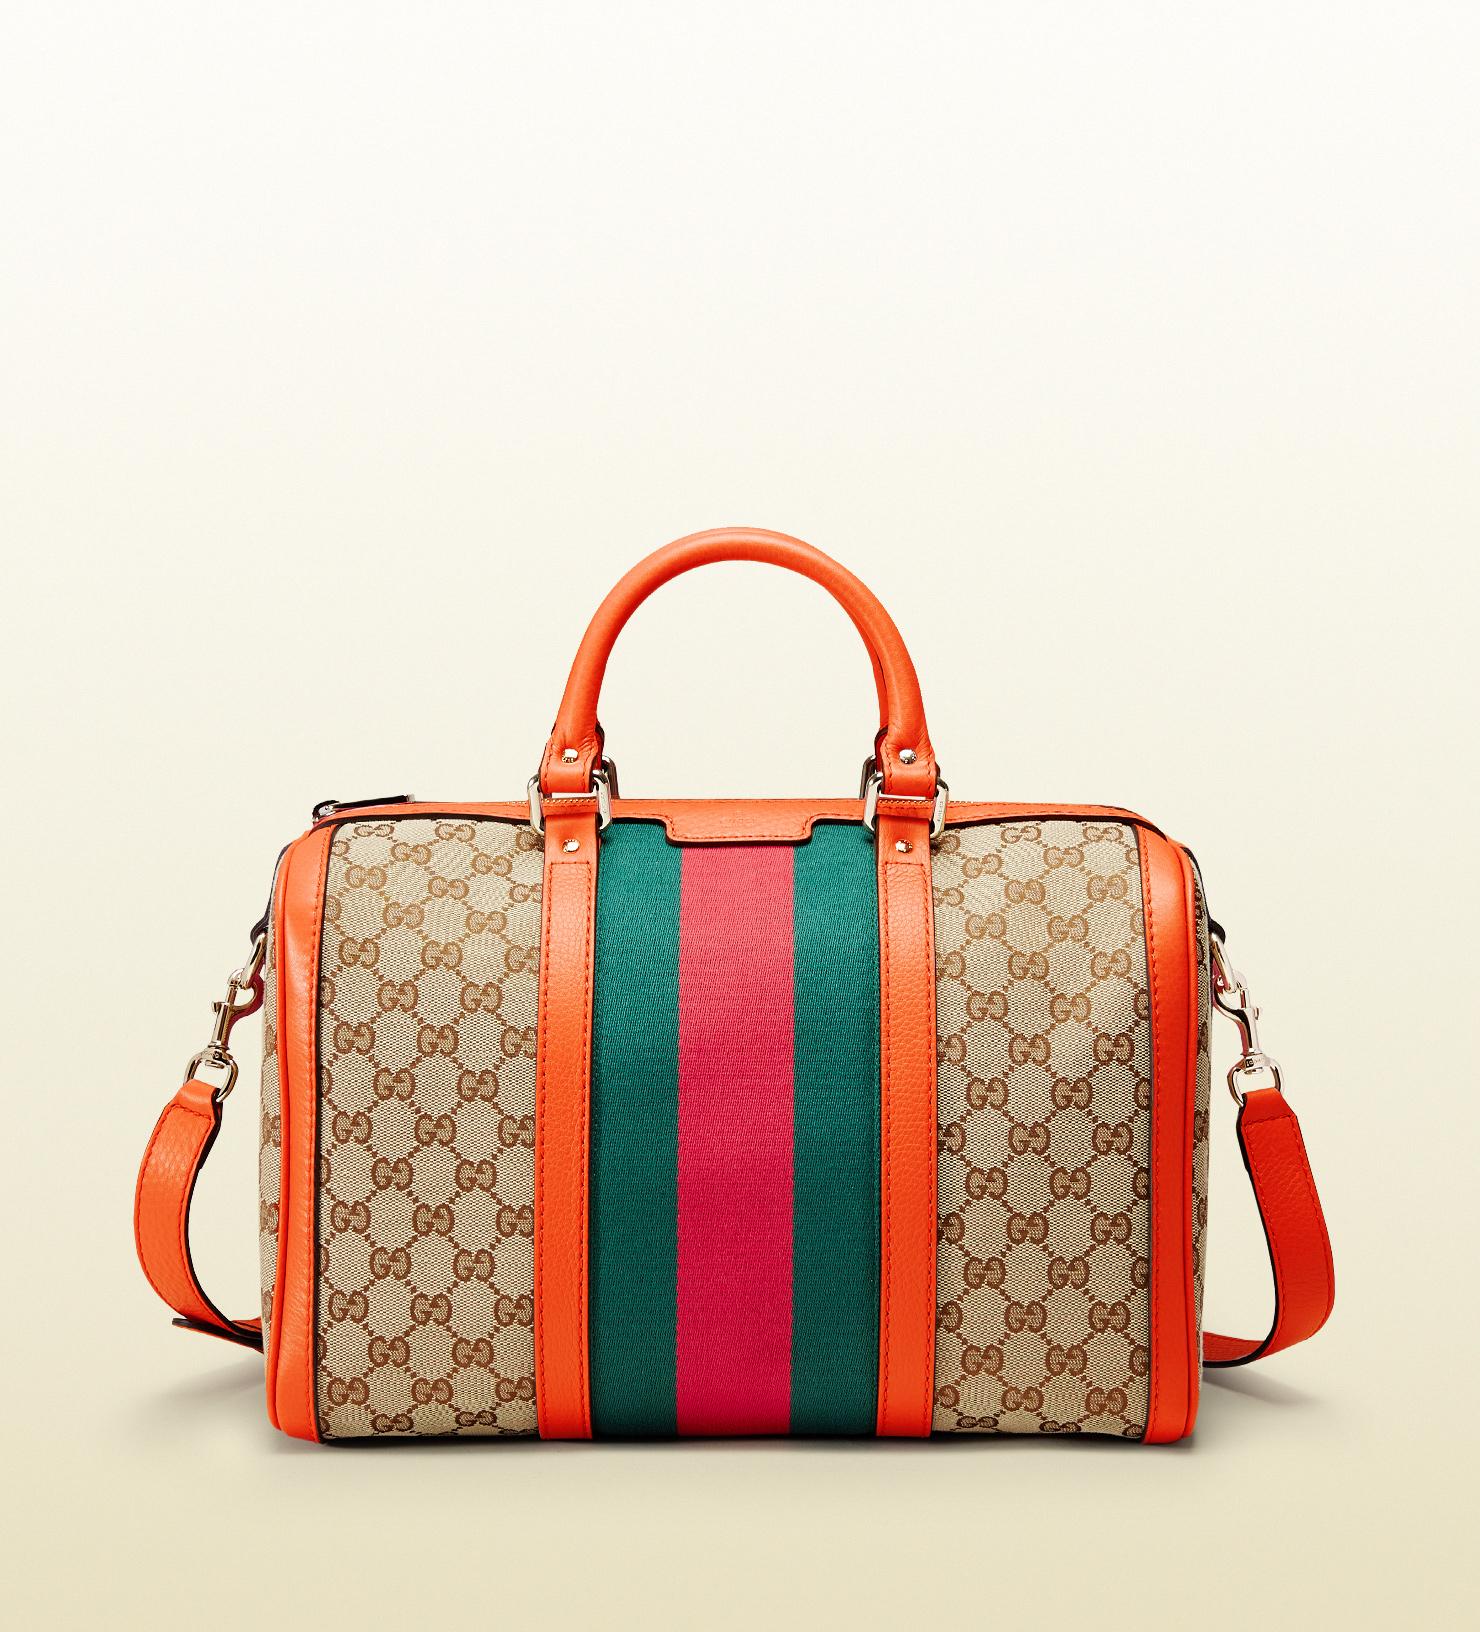 26ef2b95c27 Lyst - Gucci Vintage Web Original Gg Canvas Boston Bag in Orange